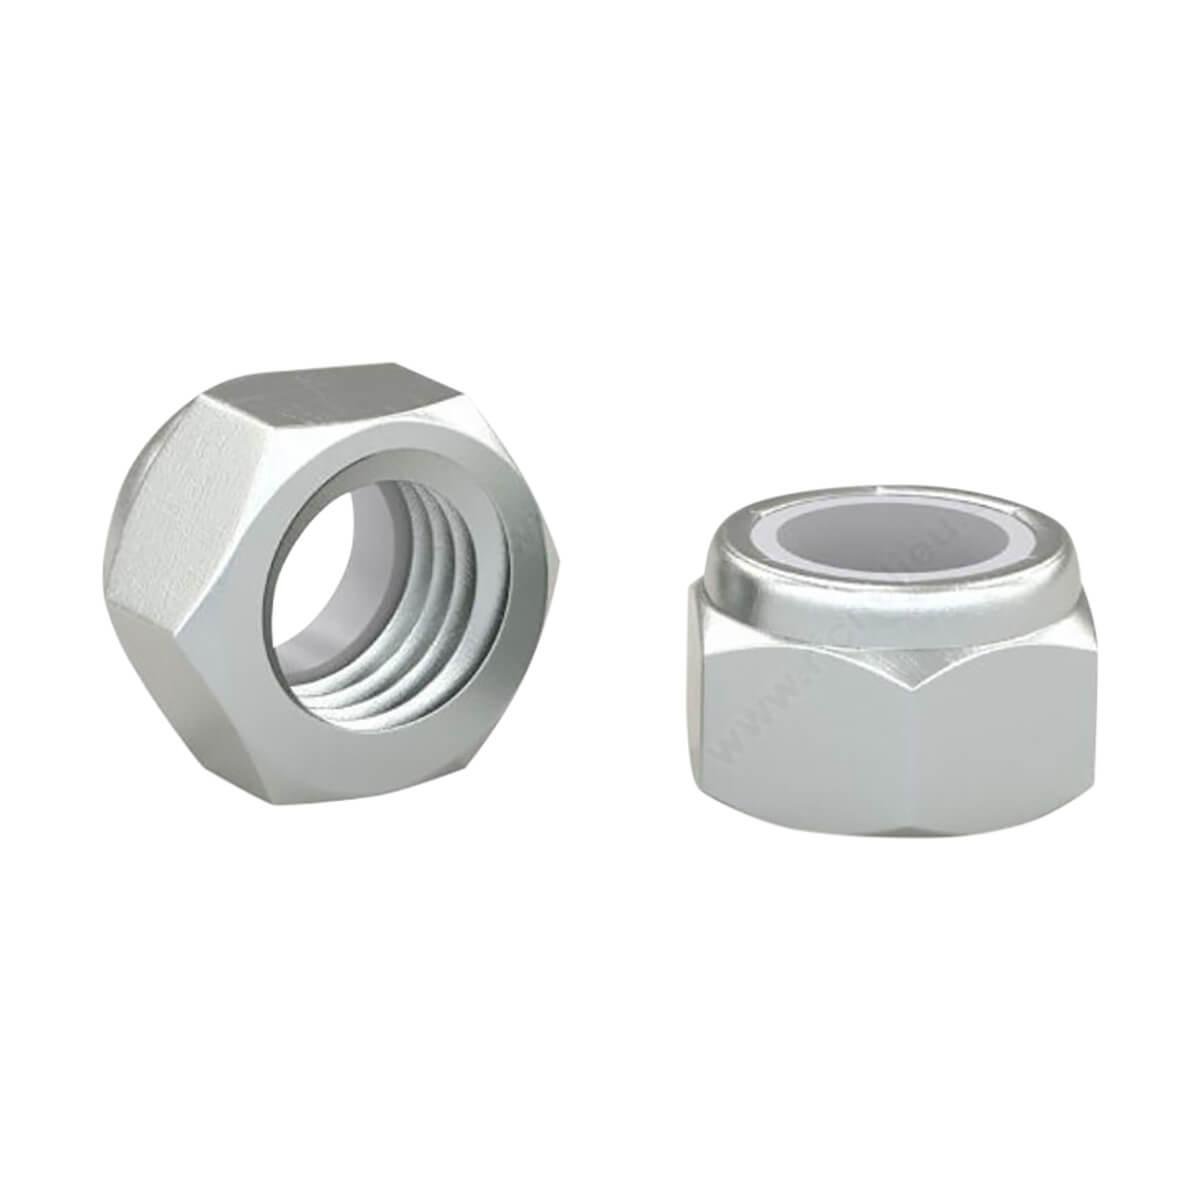 Lock Nut - Steel/Nylon - 3/8-in-16 Pitch - Zinc - 6 Pack